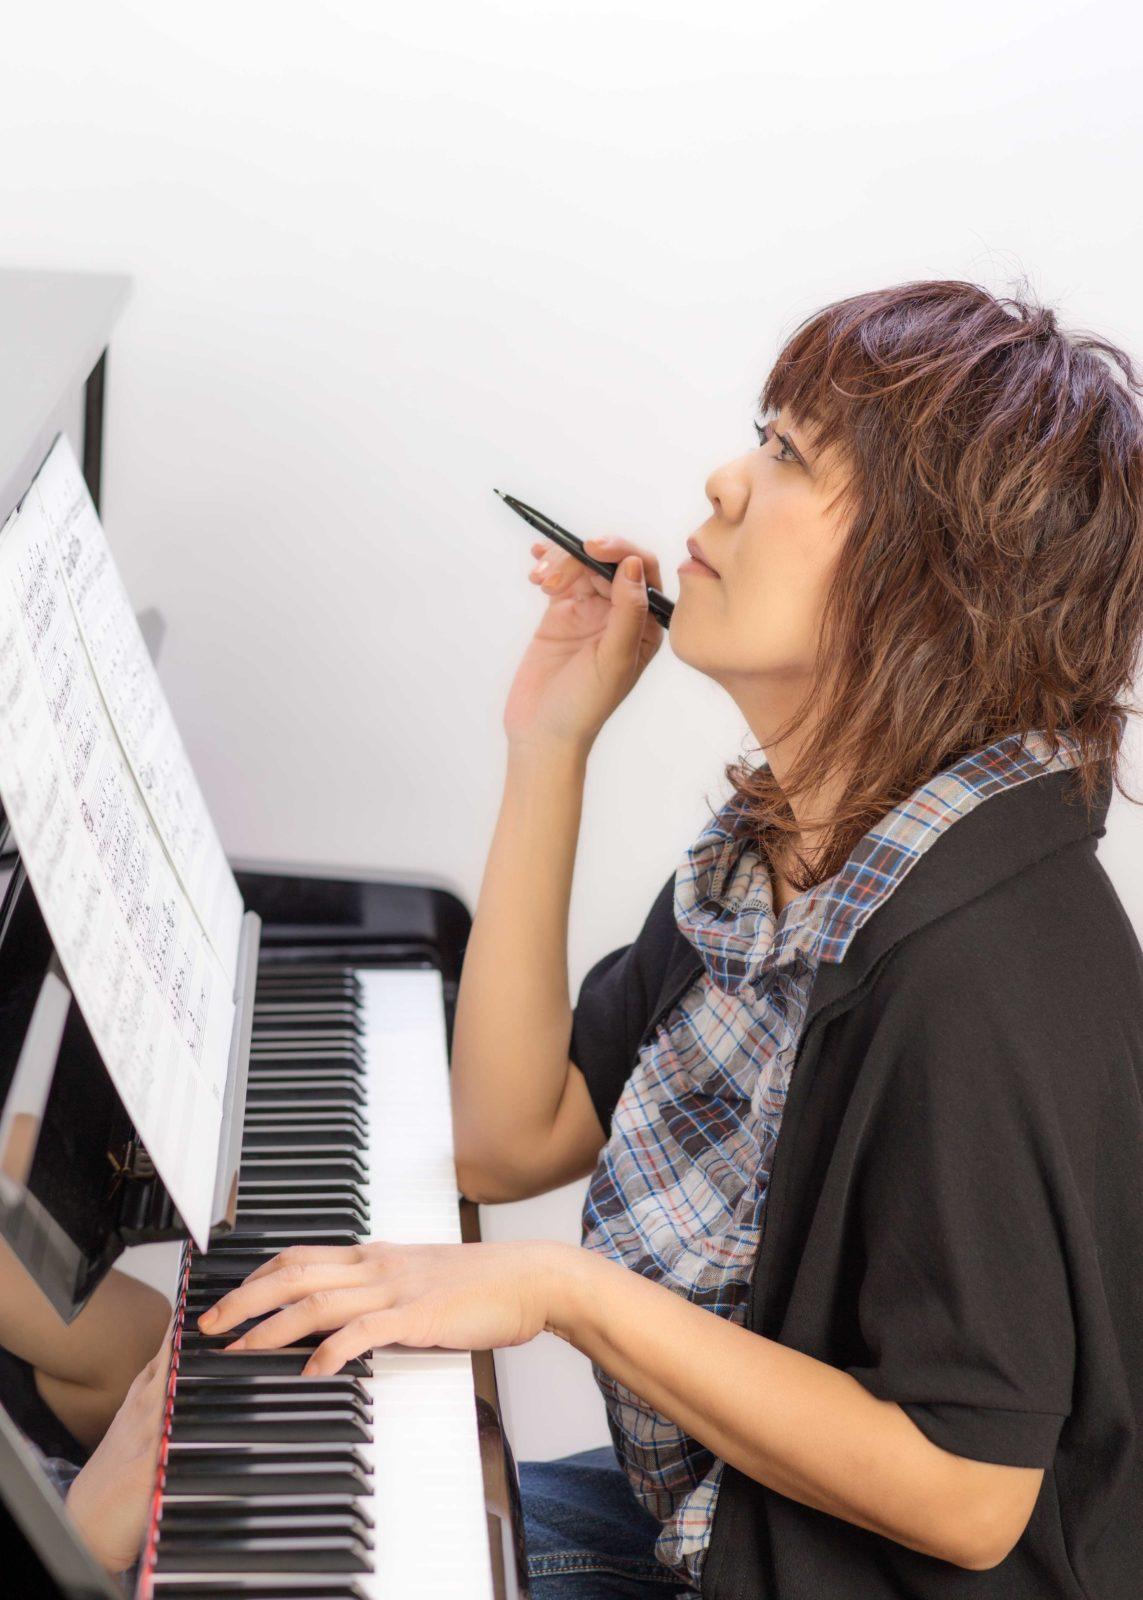 川村結花、新作MV公開&ピアノ弾き語りによるワンマンライブツアー発表サムネイル画像